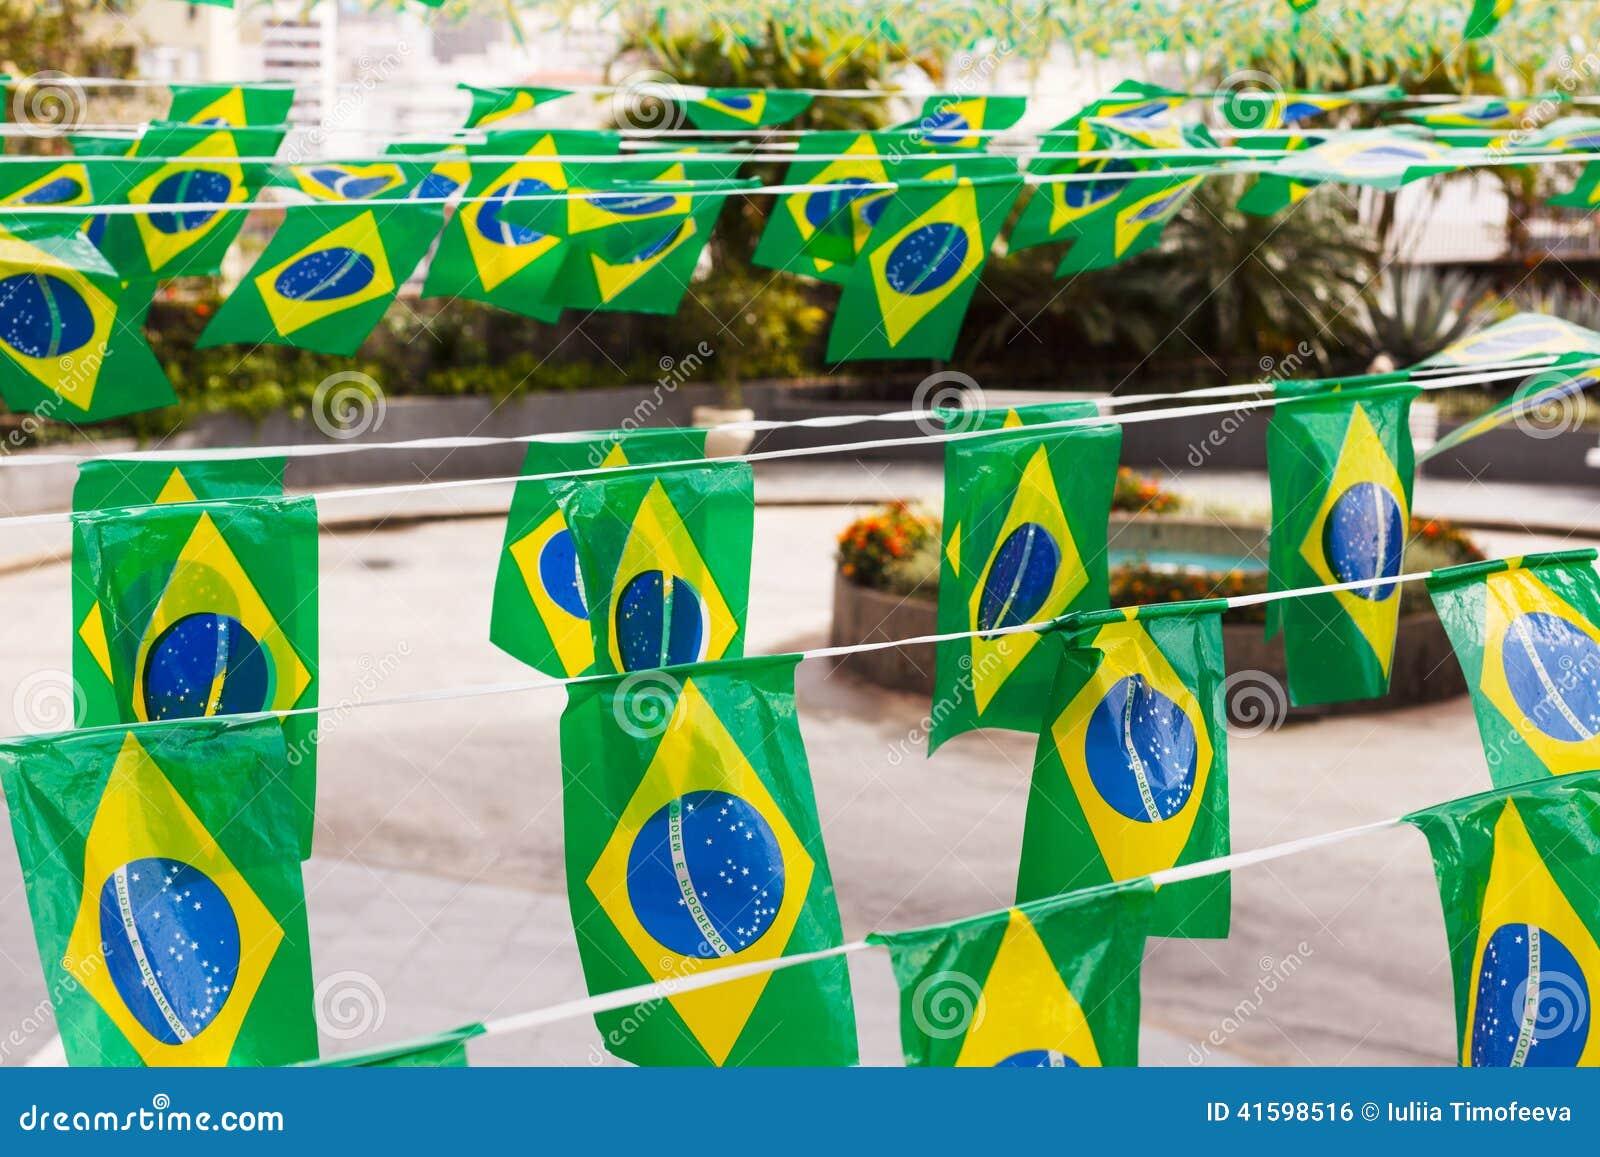 Brasilianische Dekoration dekoration, flaggen von brasilien stockfoto - bild von ferien, wind